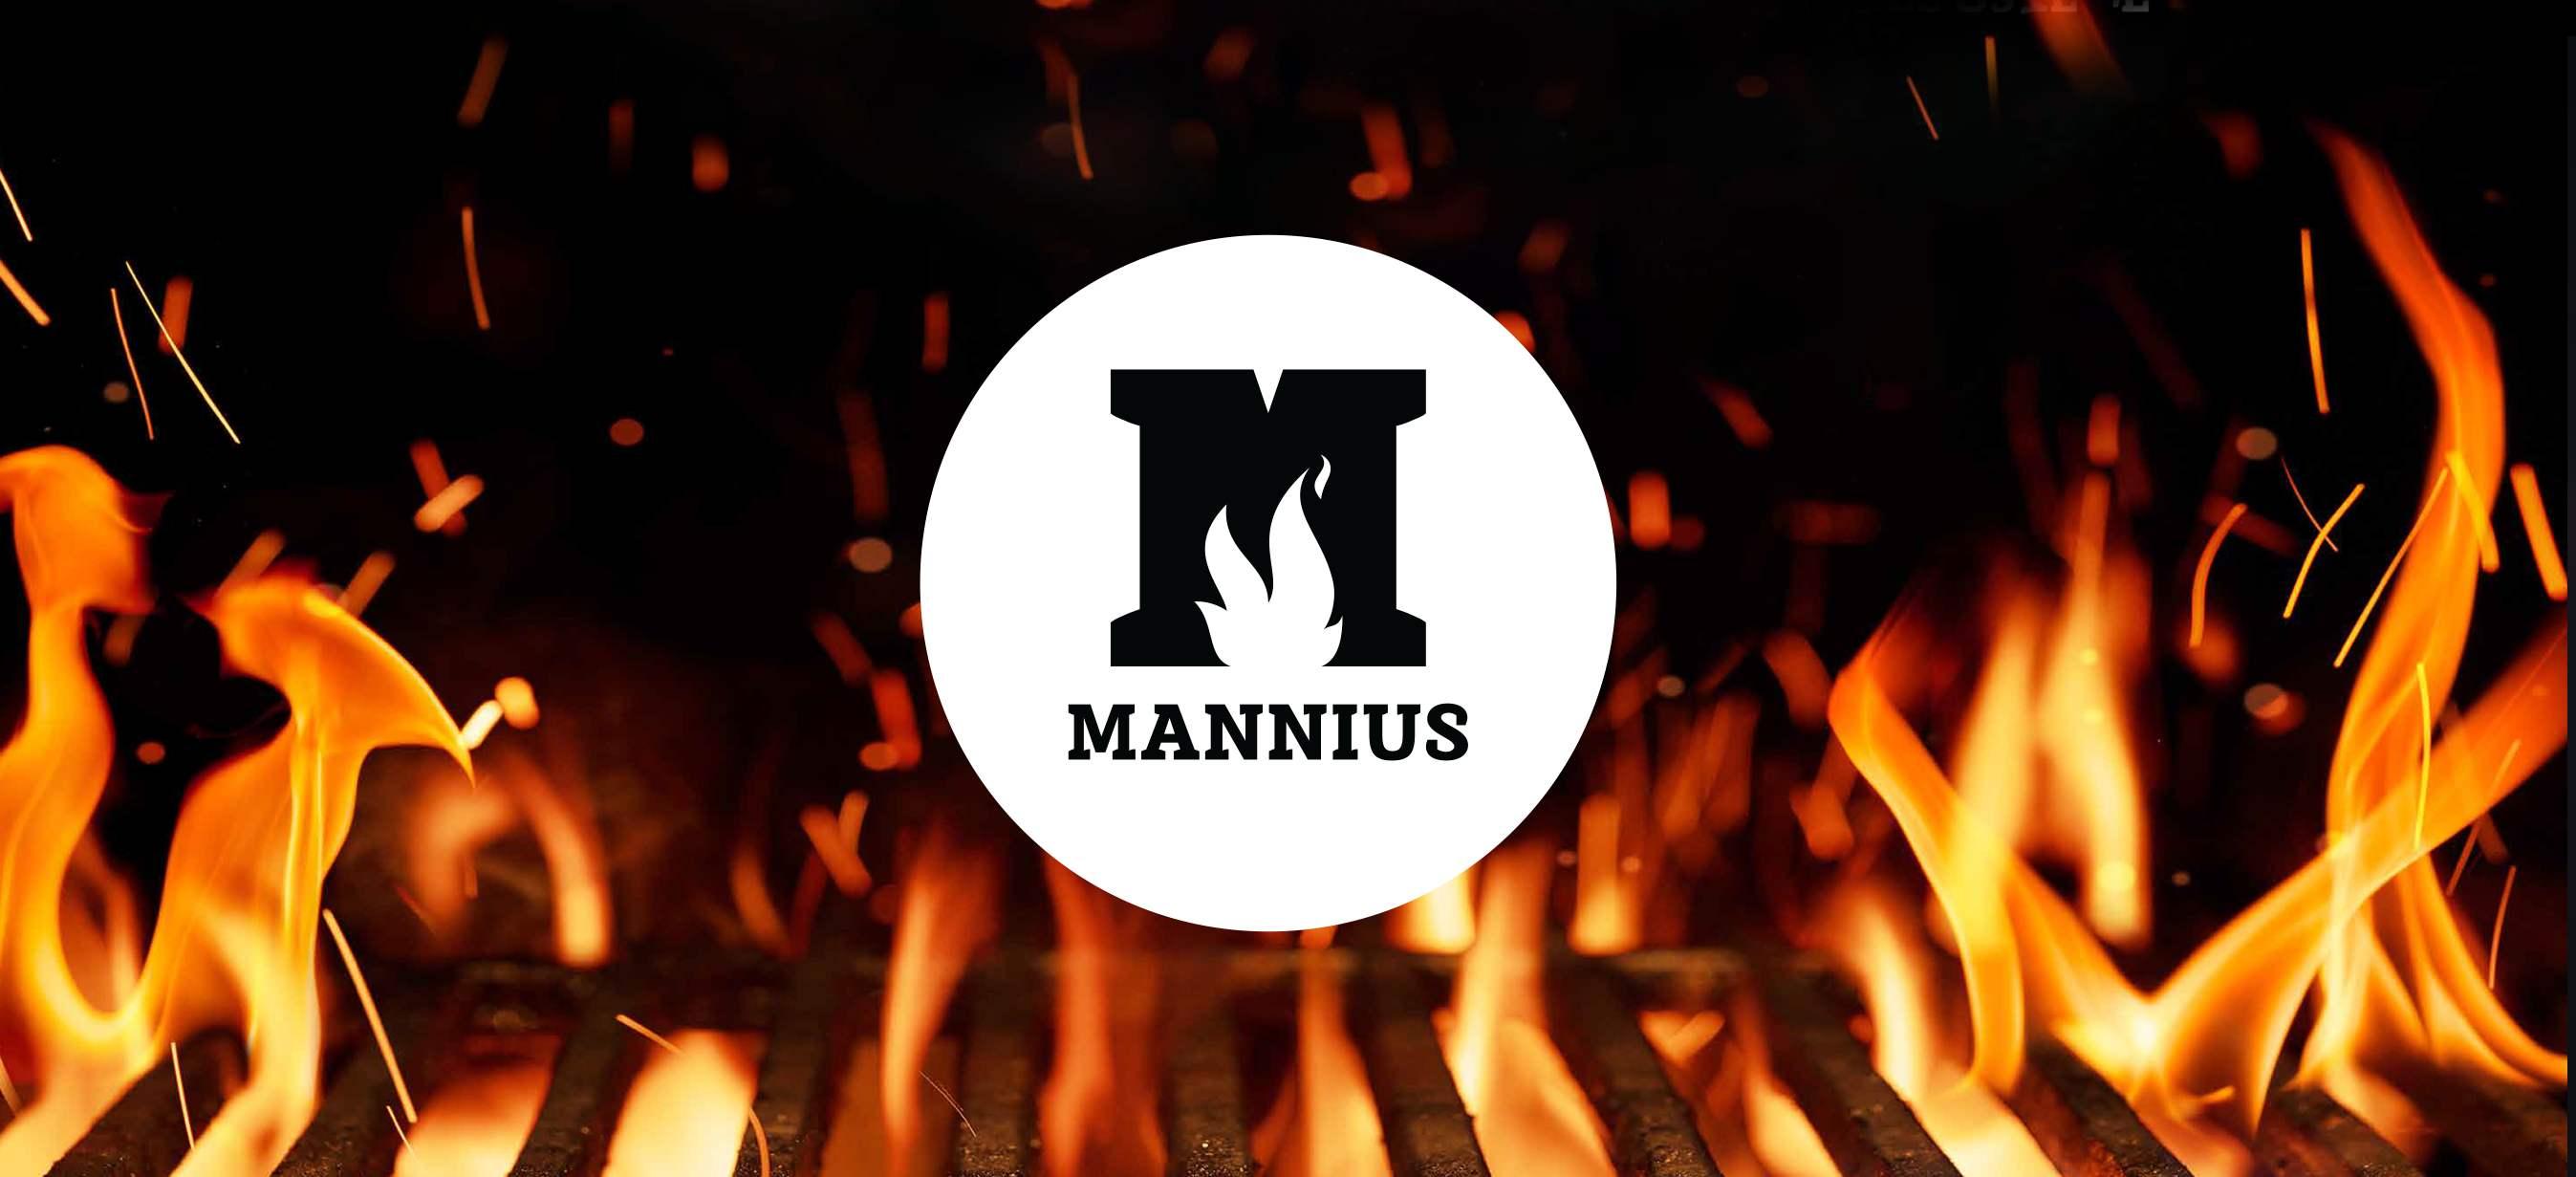 Mannius